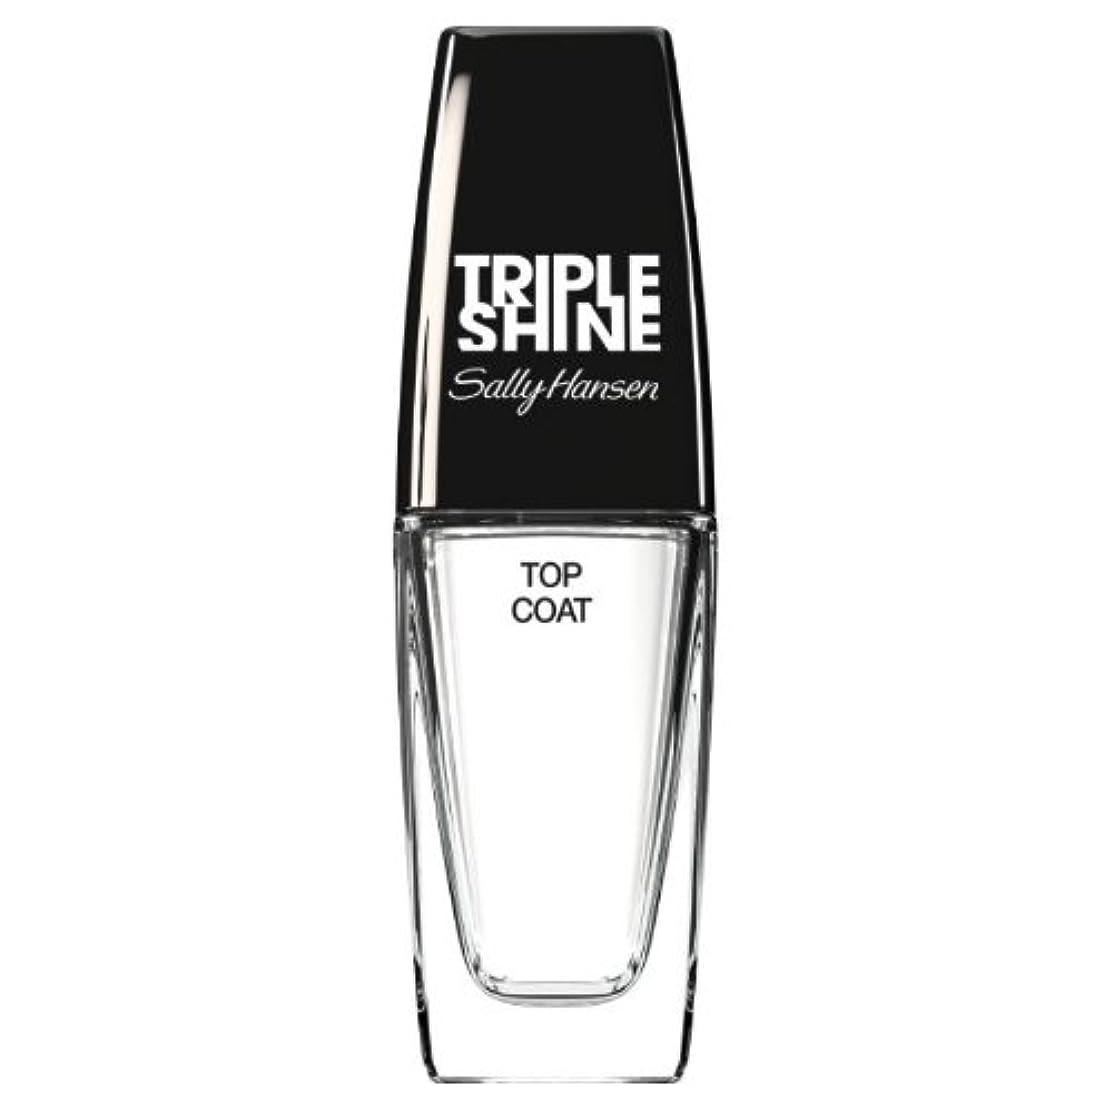 でる脳近代化する(6 Pack) SALLY HANSEN Triple Shine Top Coat - Triple Shine Top Coat (並行輸入品)